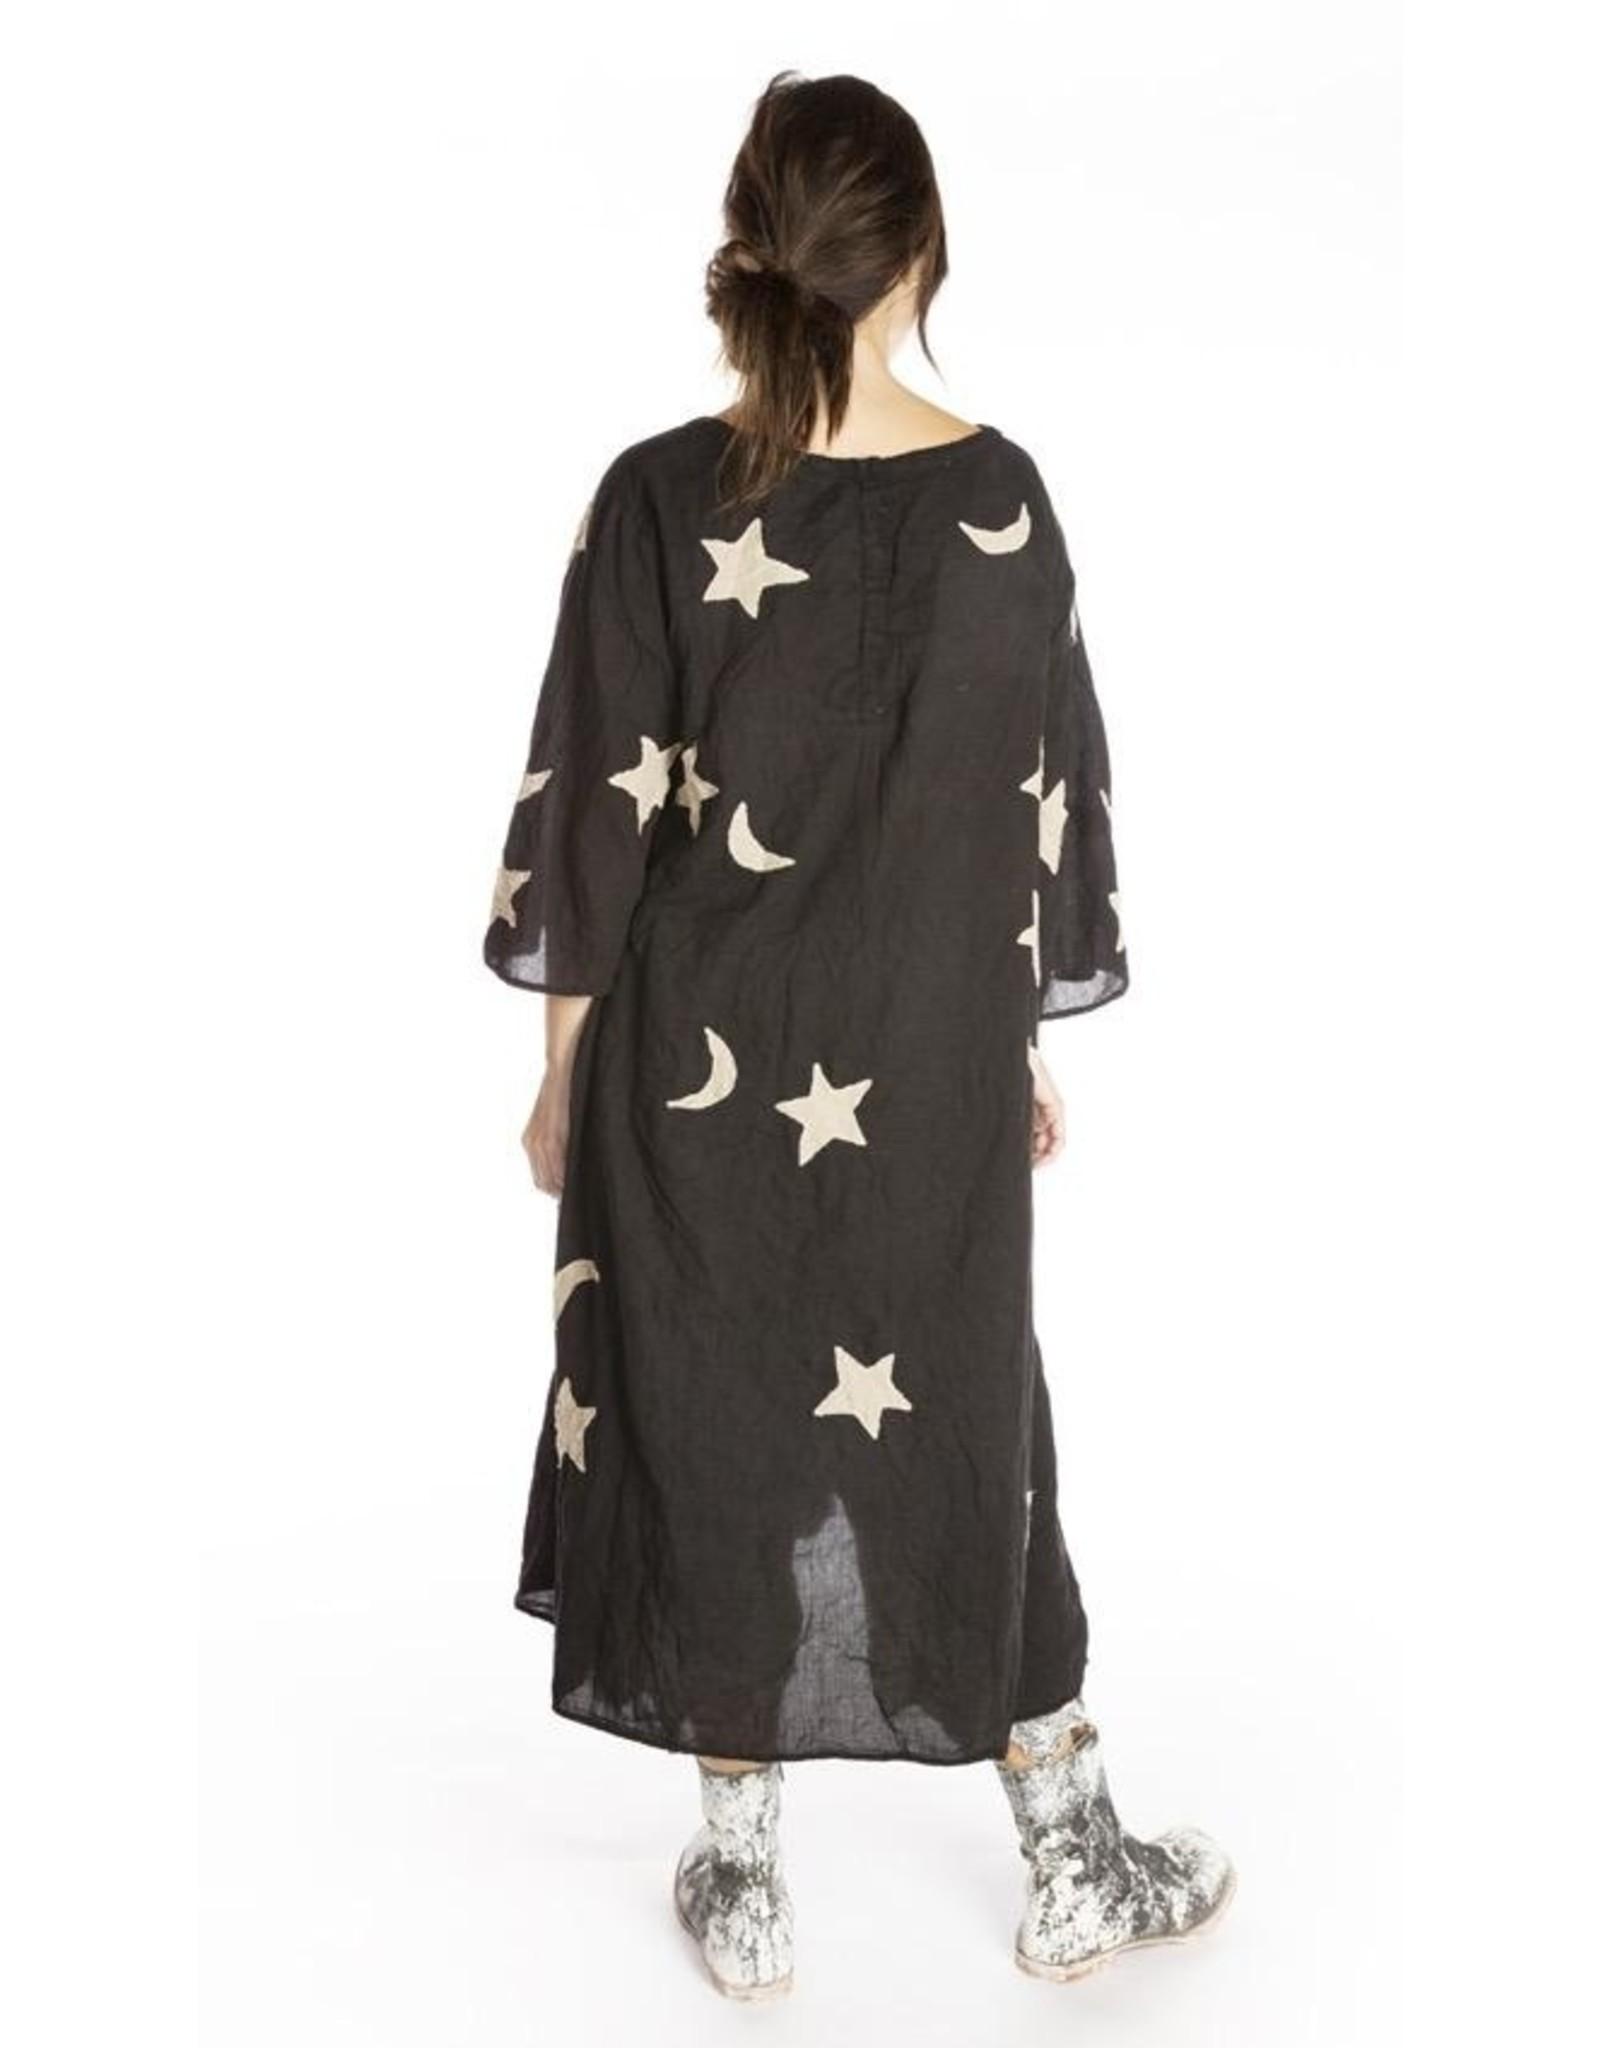 Magnolia Pearl Merlina Dress - Midnight